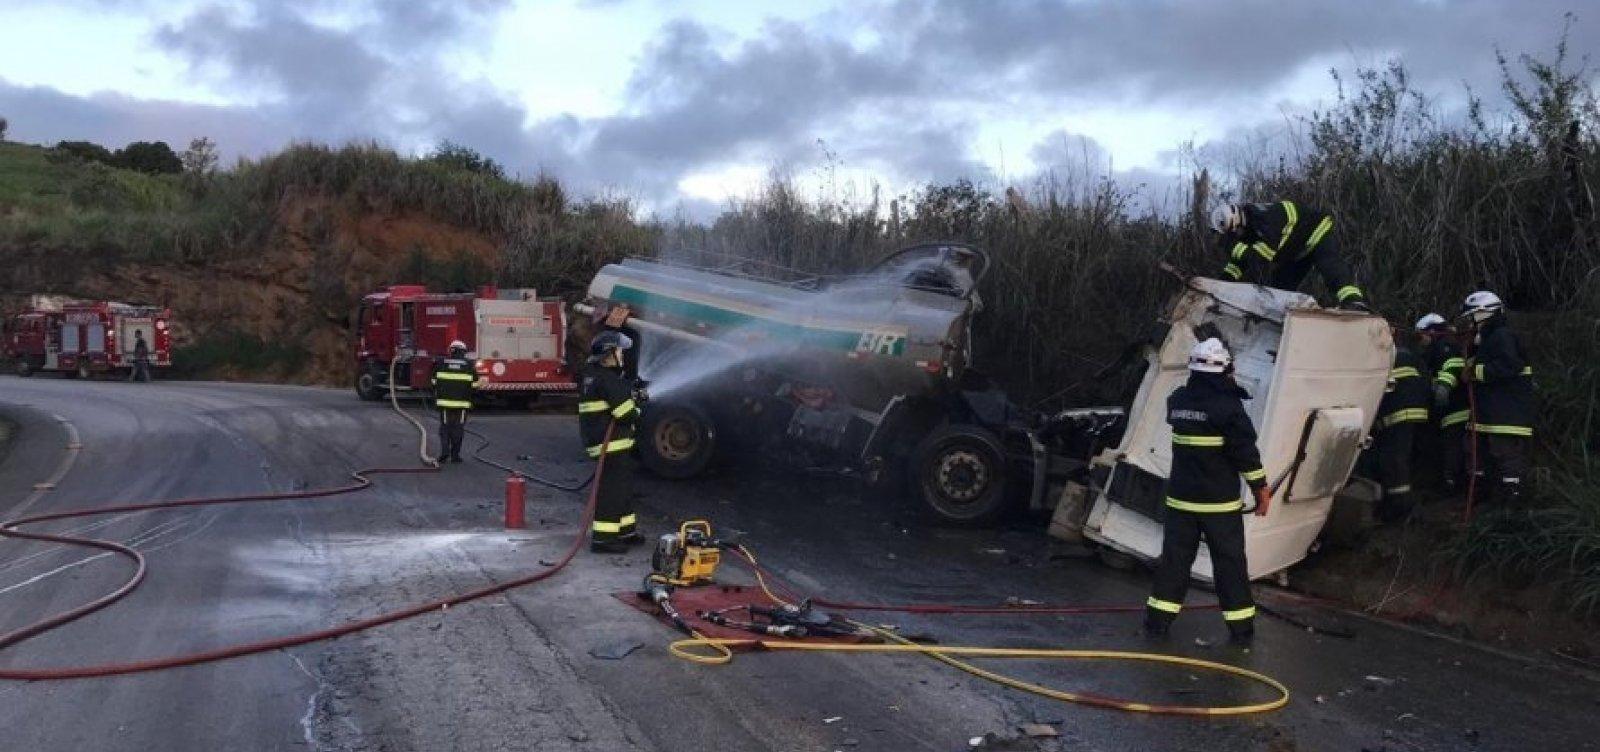 [Motorista de caminhão-tanque morre após veículo se chocar contra barranco]